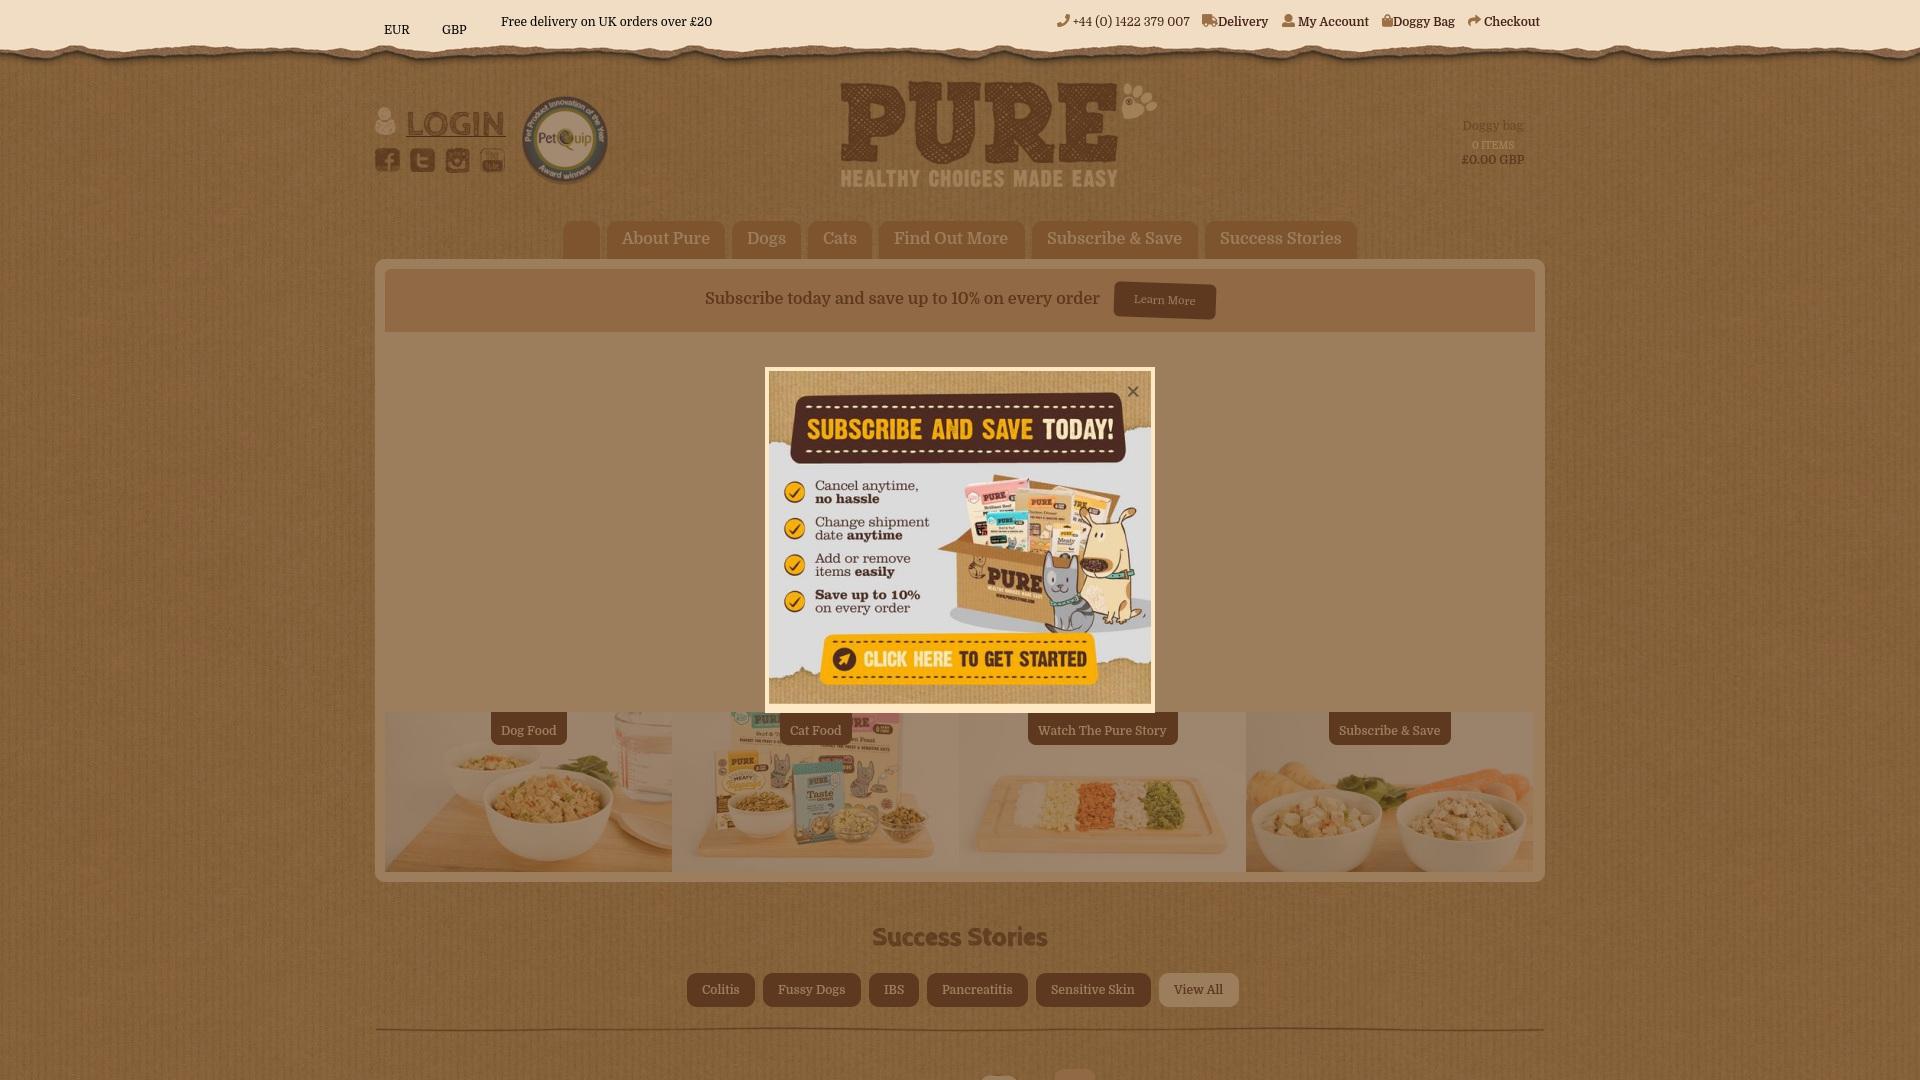 Gutschein für Purepetfood: Rabatte für  Purepetfood sichern